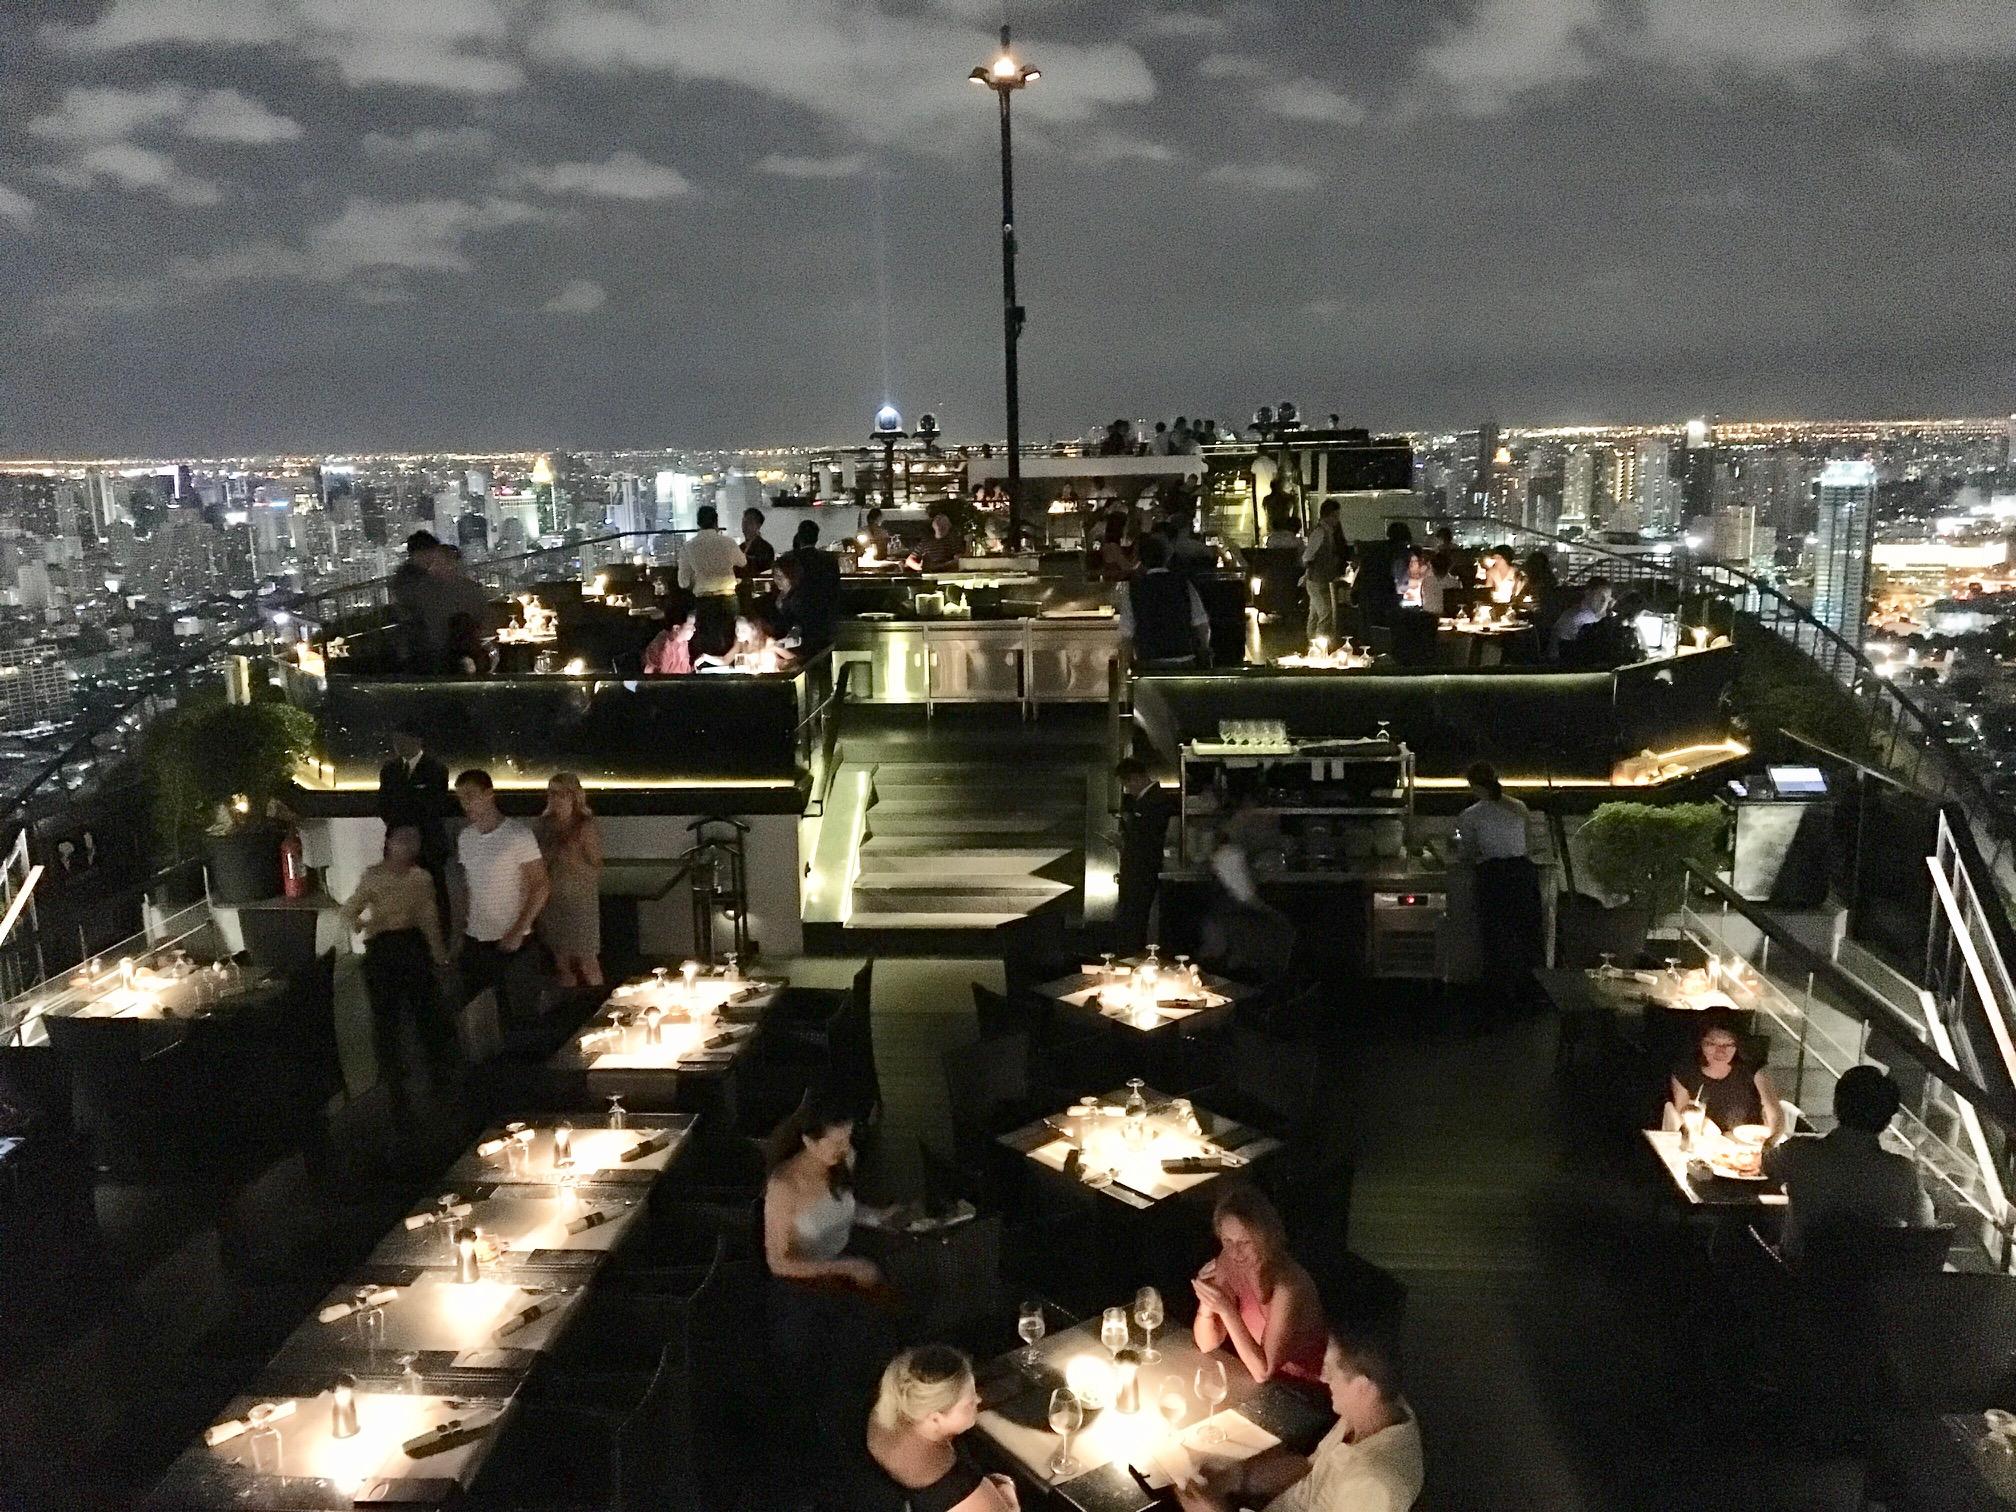 バンコクの絶景を望めるBarでセレブ気分!5つ星ホテル『Banyan Tree Bangkok』のルーフトップバーに行ってきた感想☆